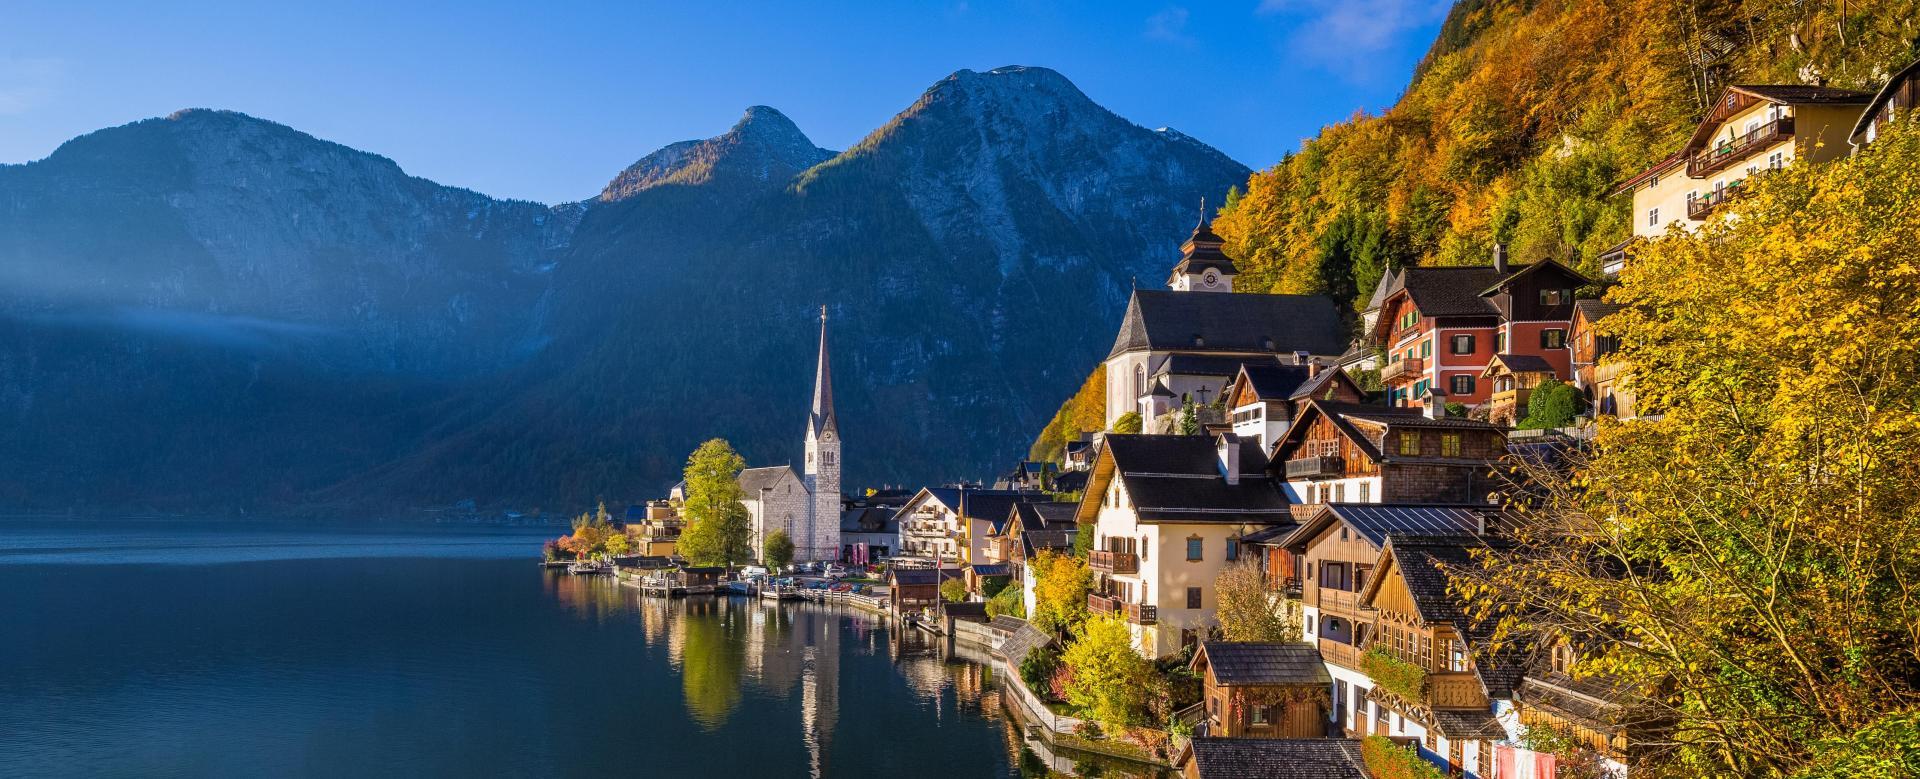 Voyage à pied : Symphonie alpine dans la région de salzbourg